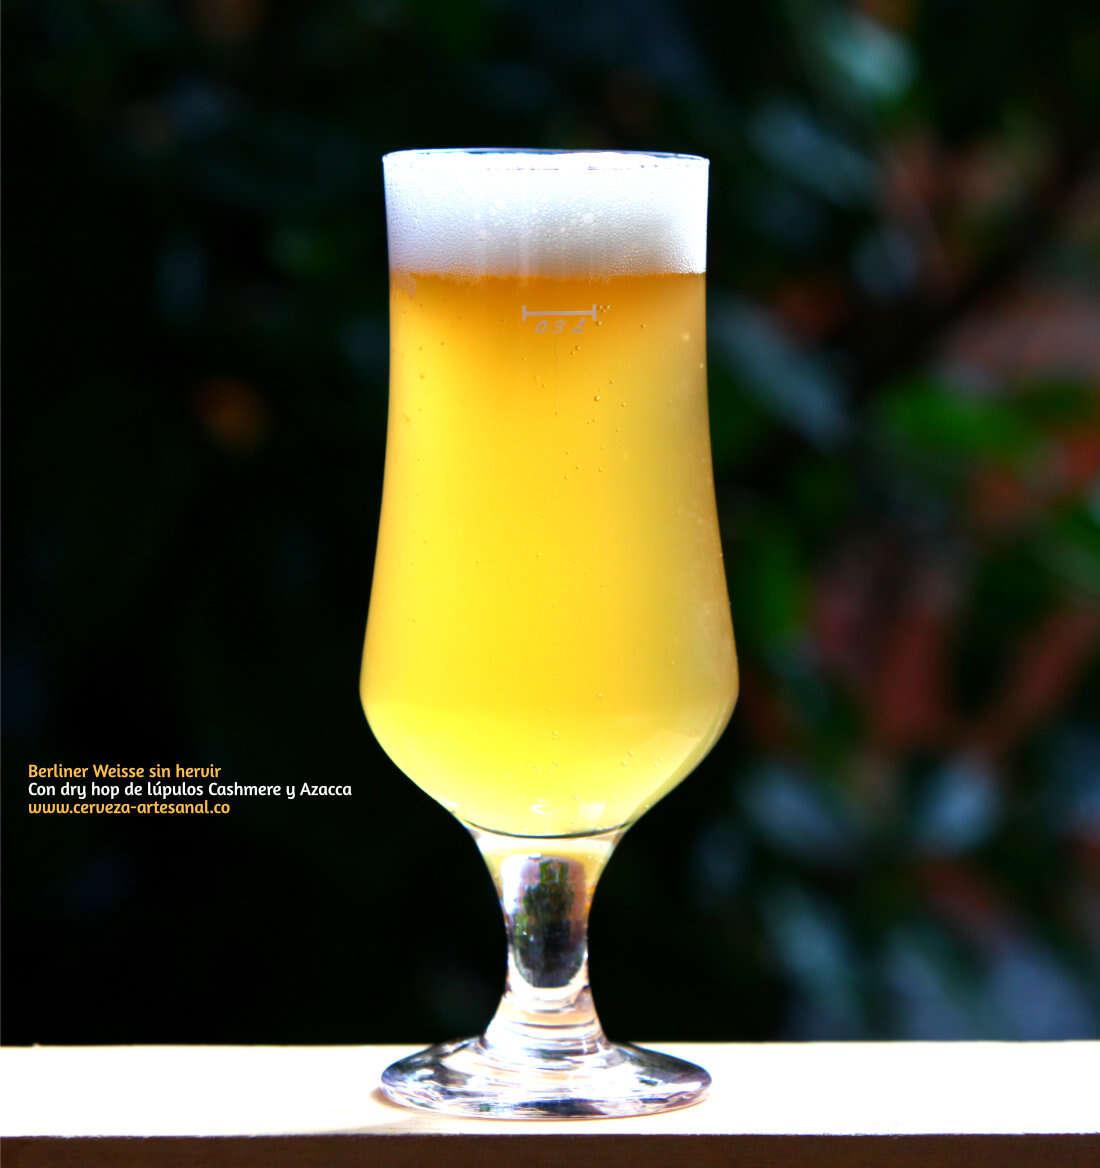 Berliner Weisse con dry hop de lúpulo Cashmere y Azacca